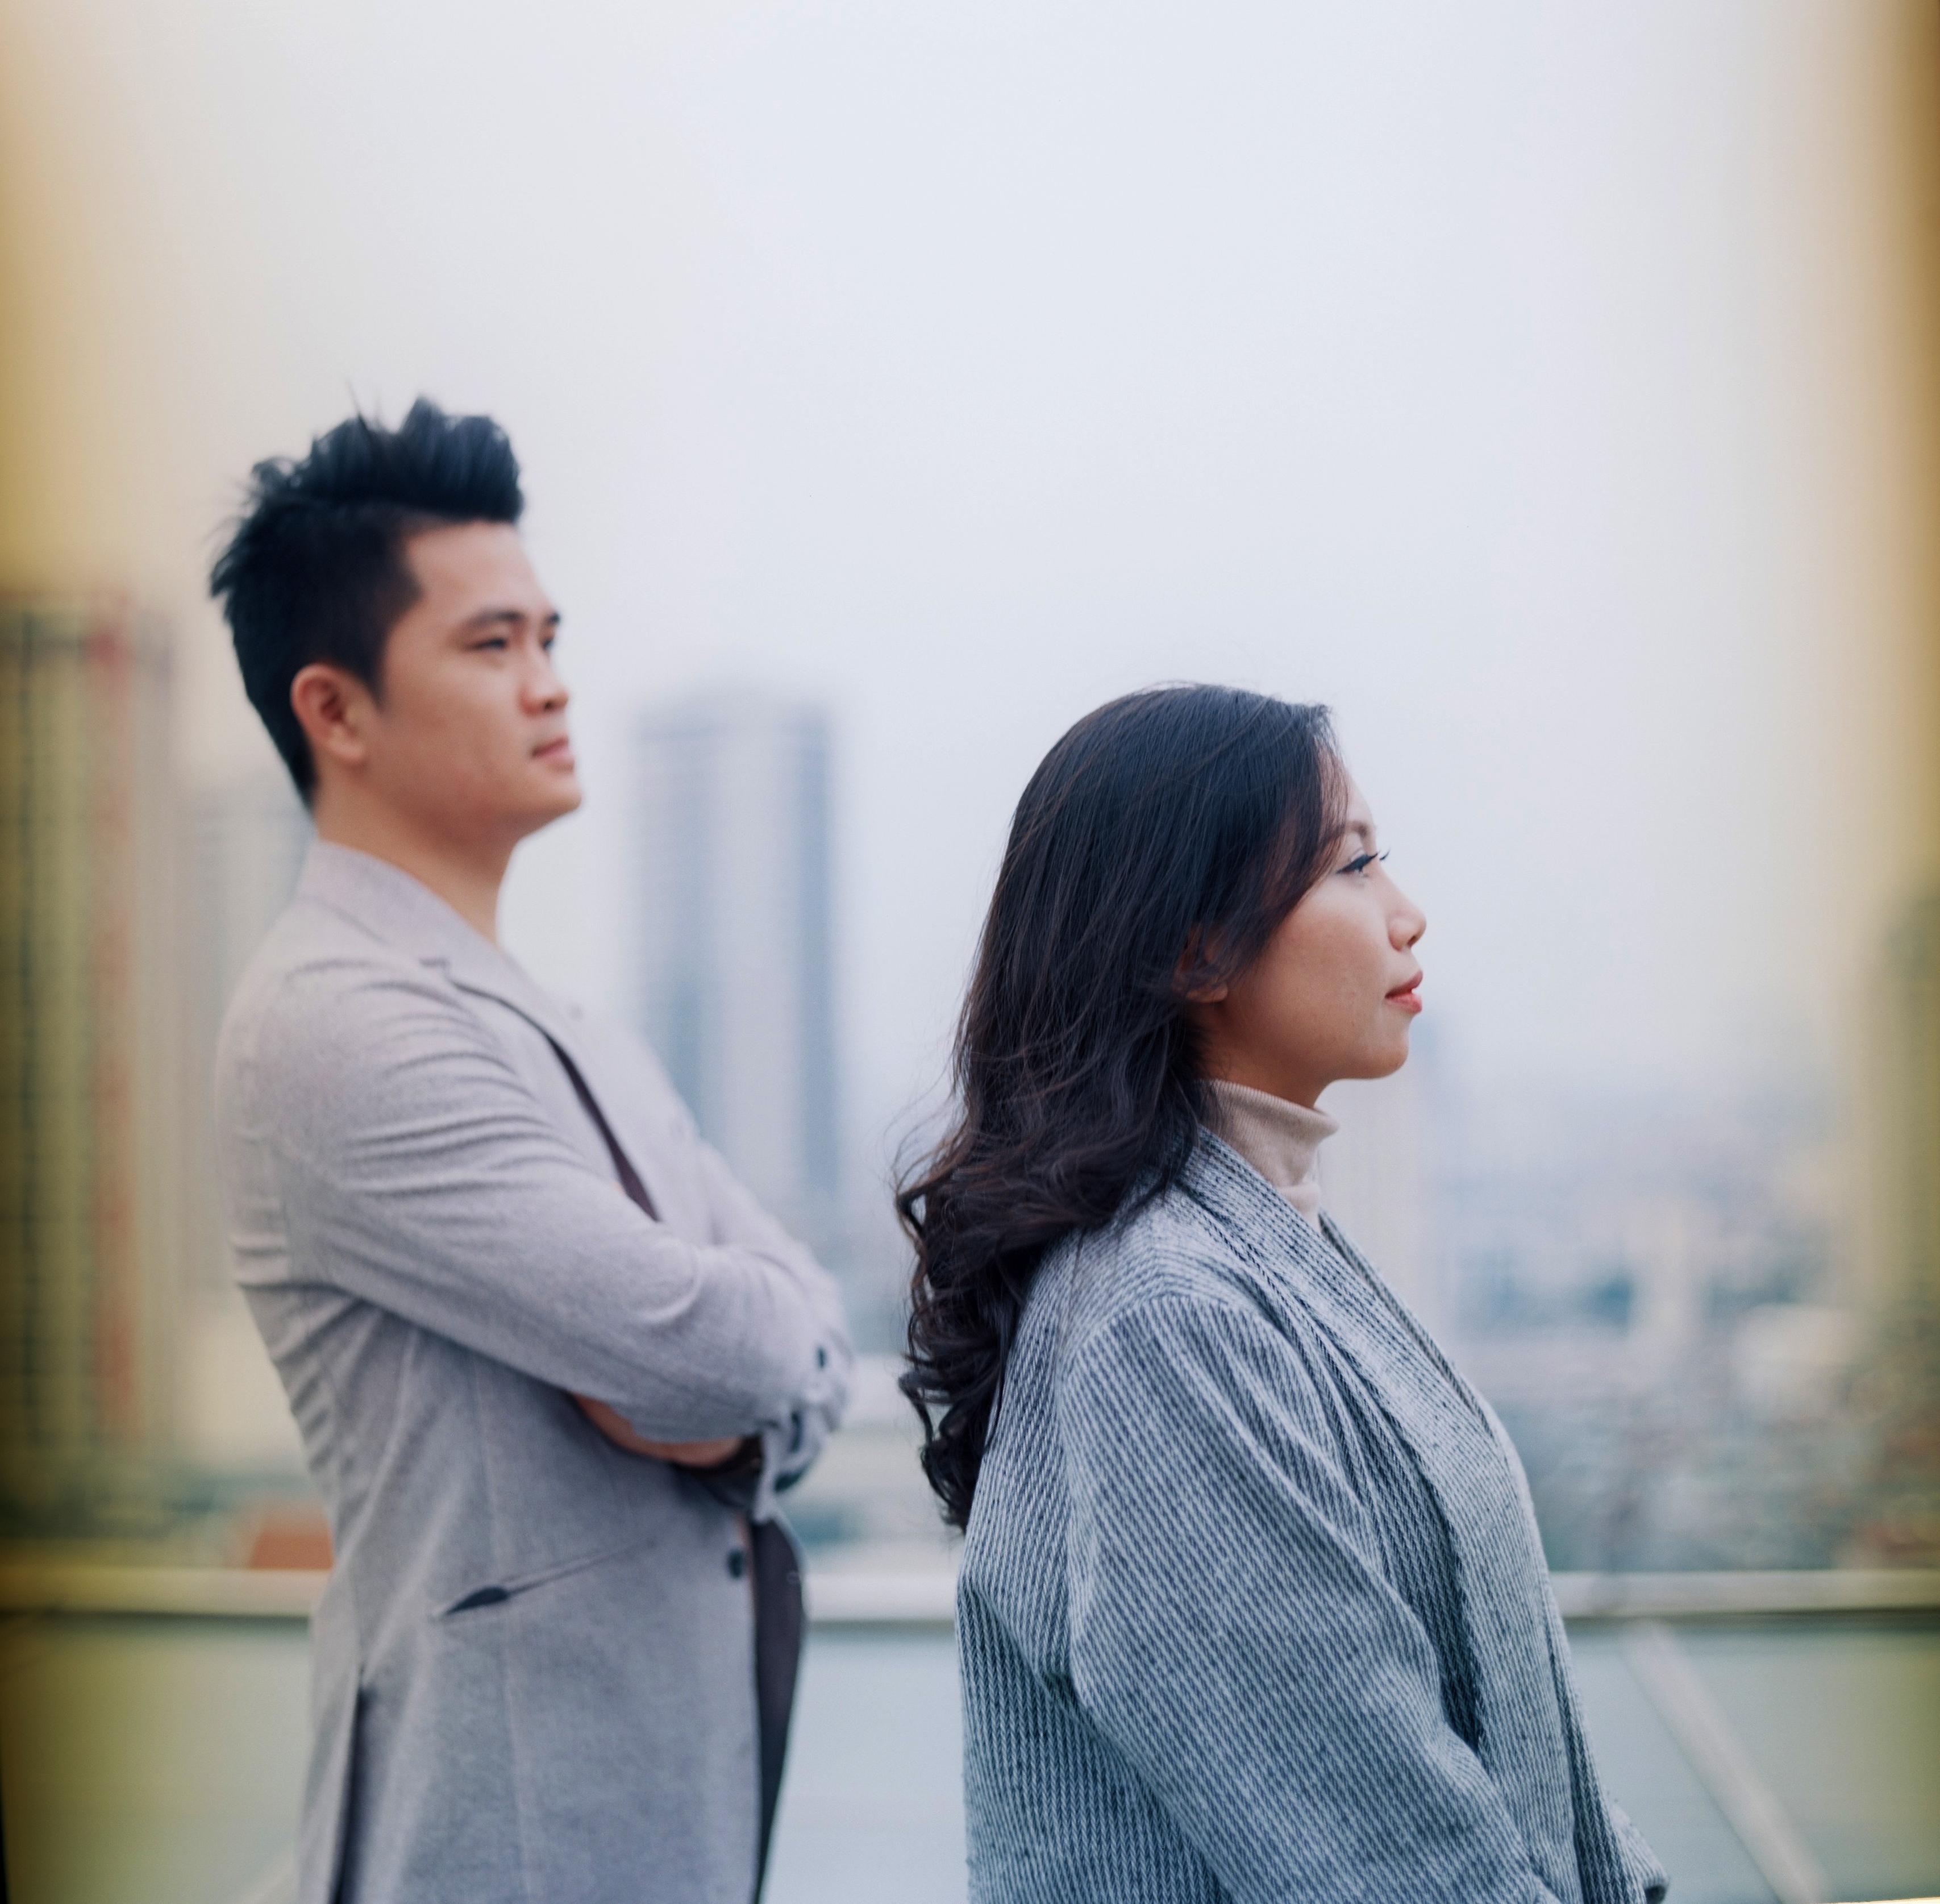 Năm năm trước, Đức Huy và Thùy Linh gặp nhau tại trụ sở FPT Cầu Giấy khi cả hai cùng làm việc tại VnExpress.